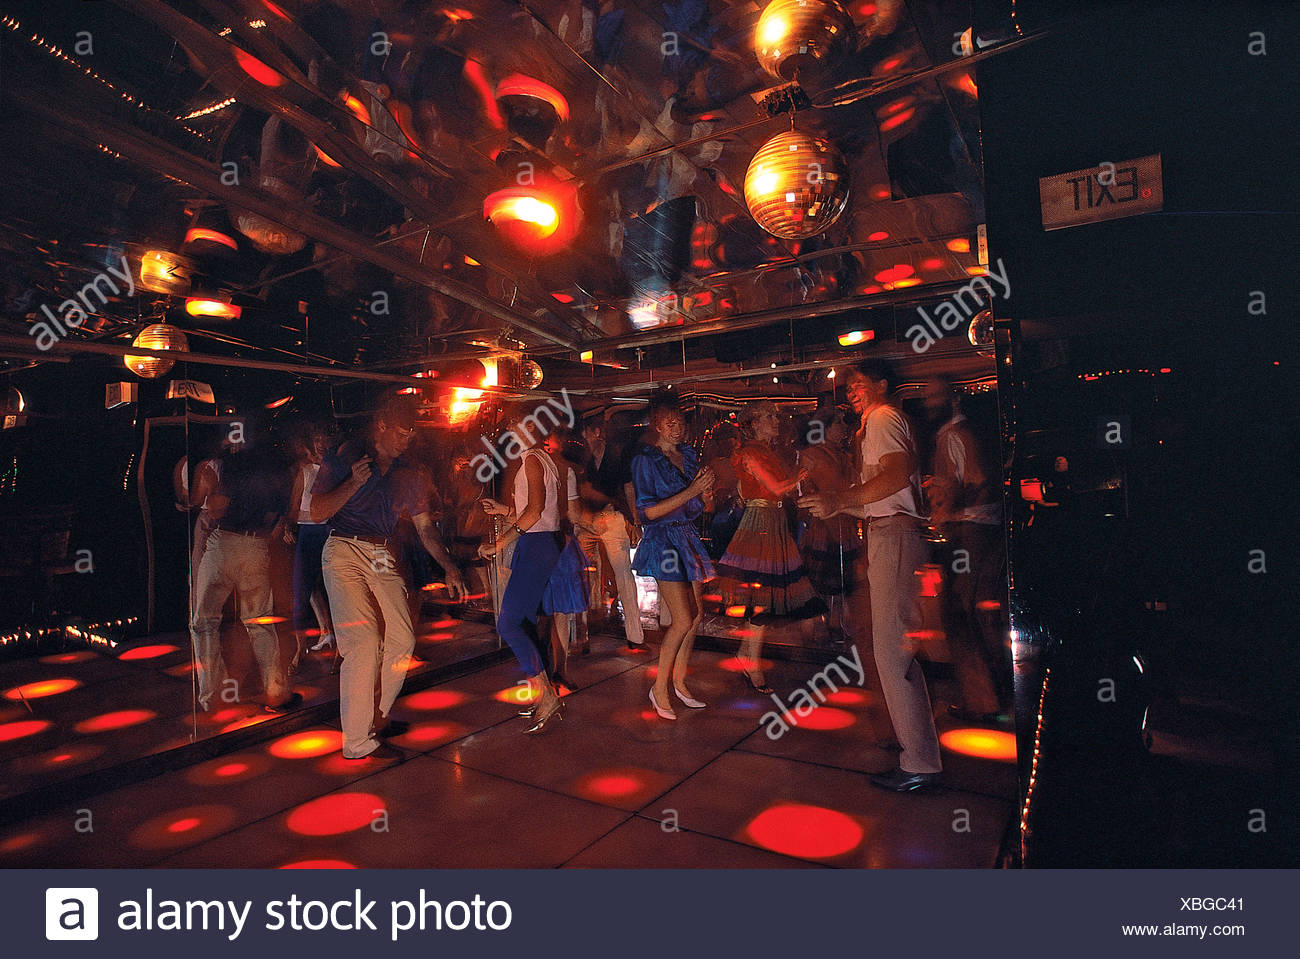 Stile di vita. I giovani. Club. Dancing Immagini Stock